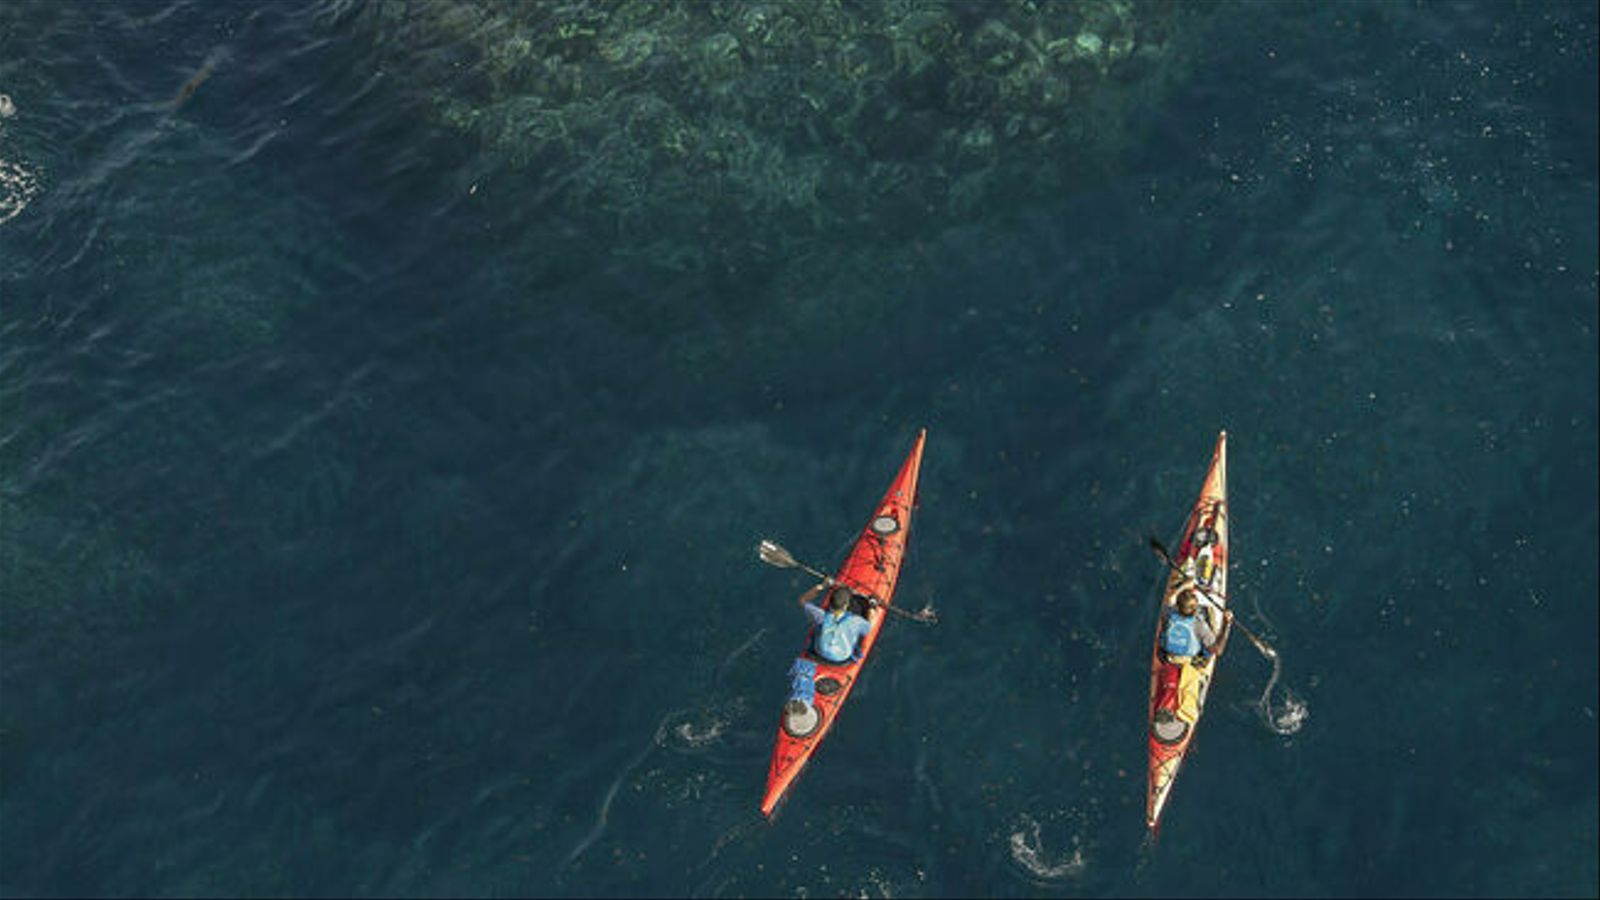 Les empreses nàutiques de l'illa demanden ajudes institucionals per afrontar el futur.